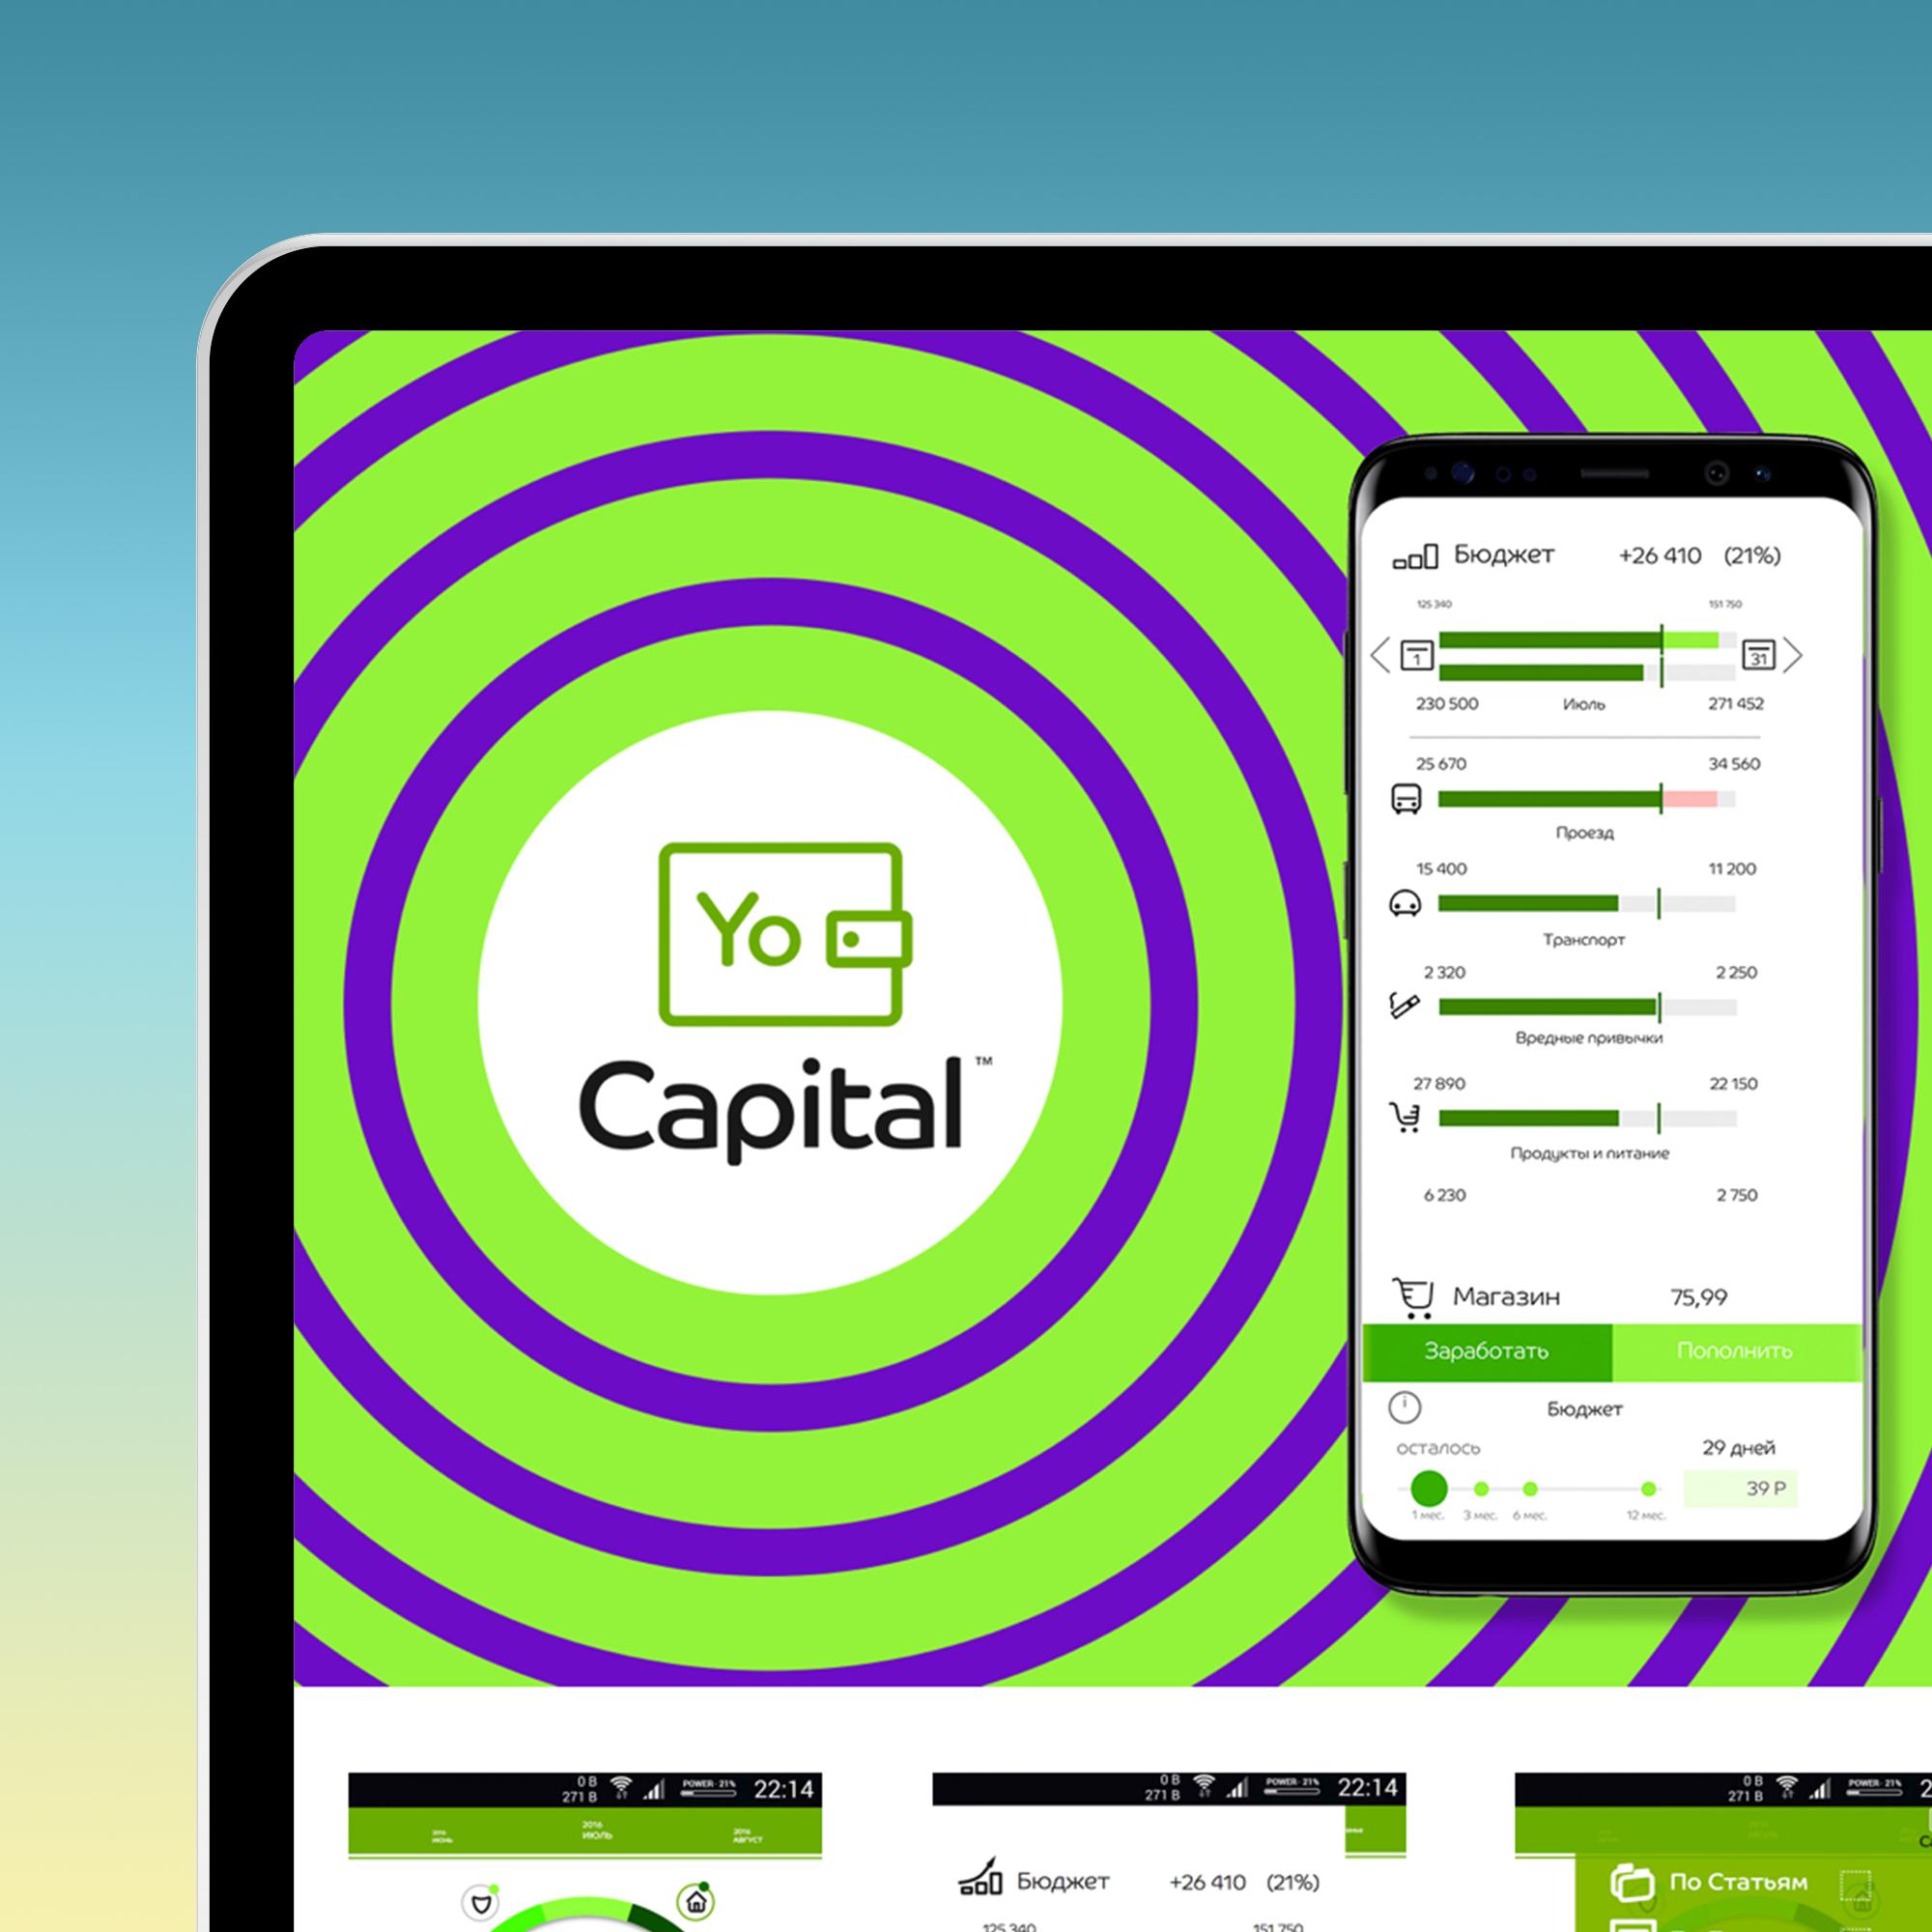 yocapital